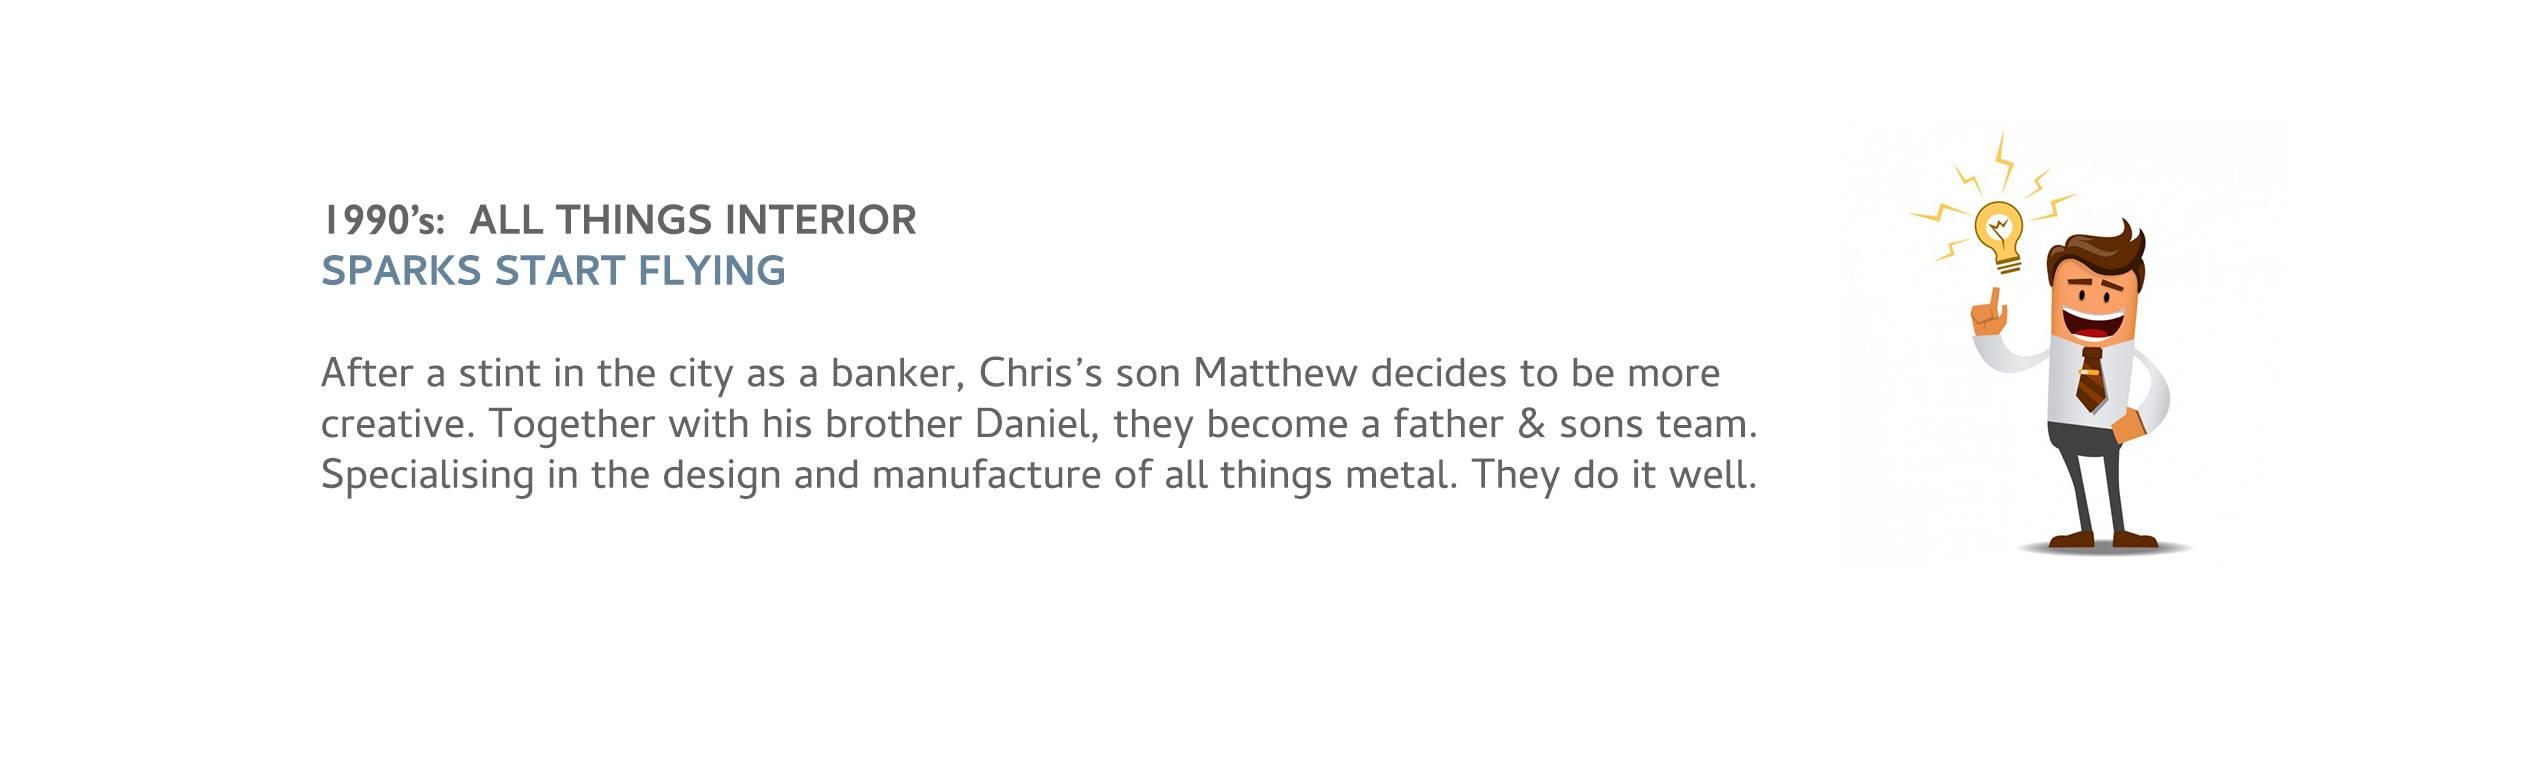 Chris Son Matt Joins Team. Handcrafted Furniture